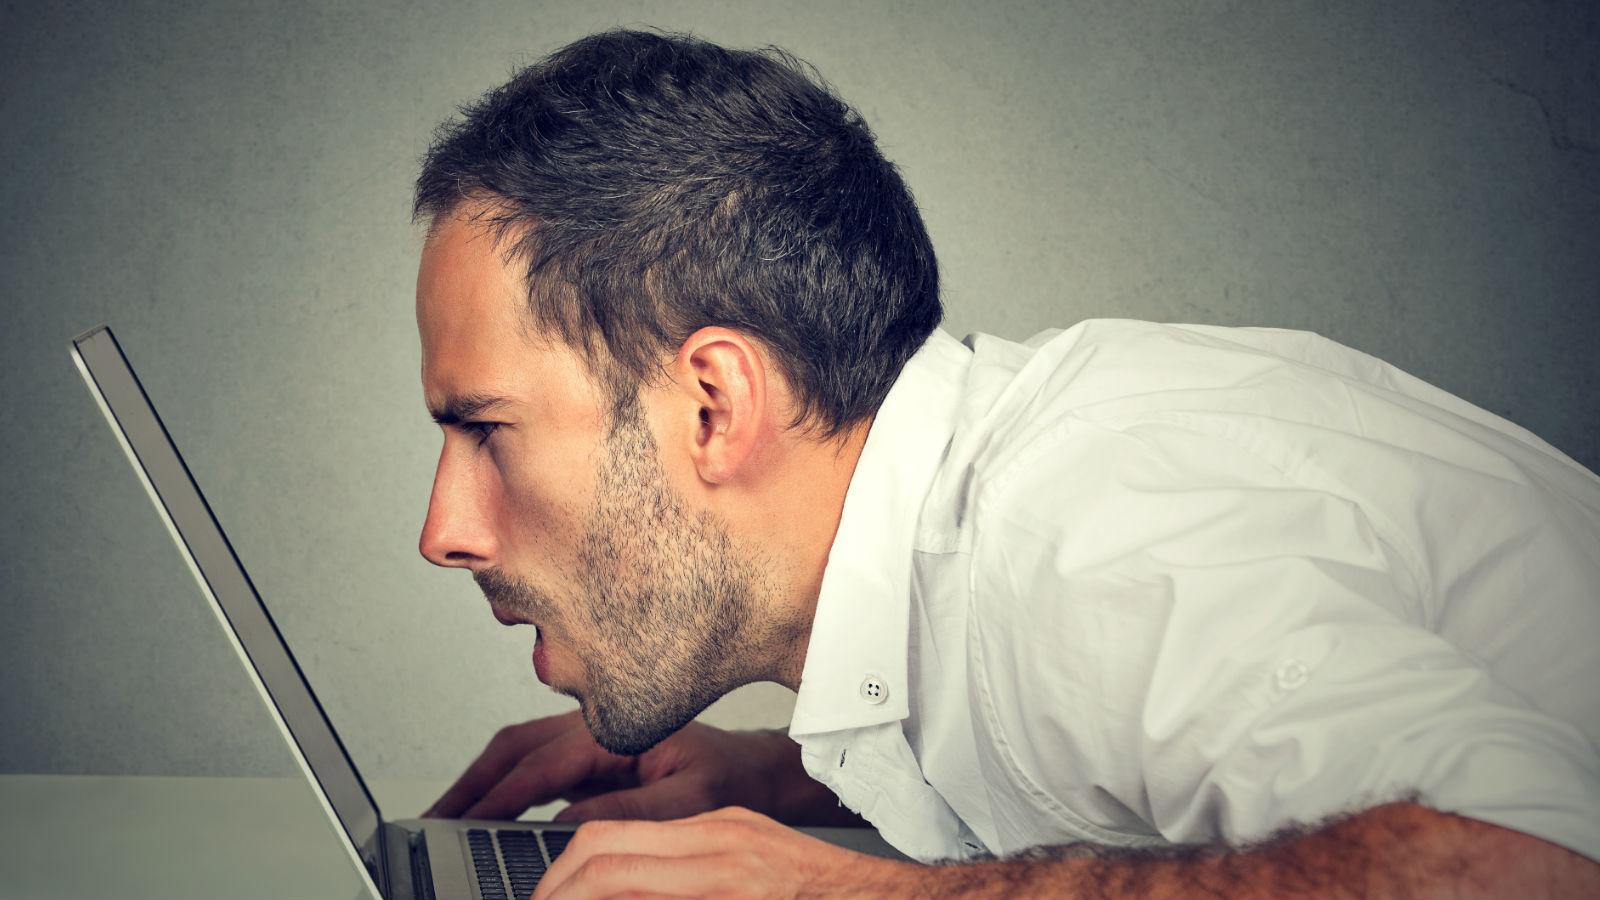 Vista borrosa: puede ser el síndrome visual informático (por ...